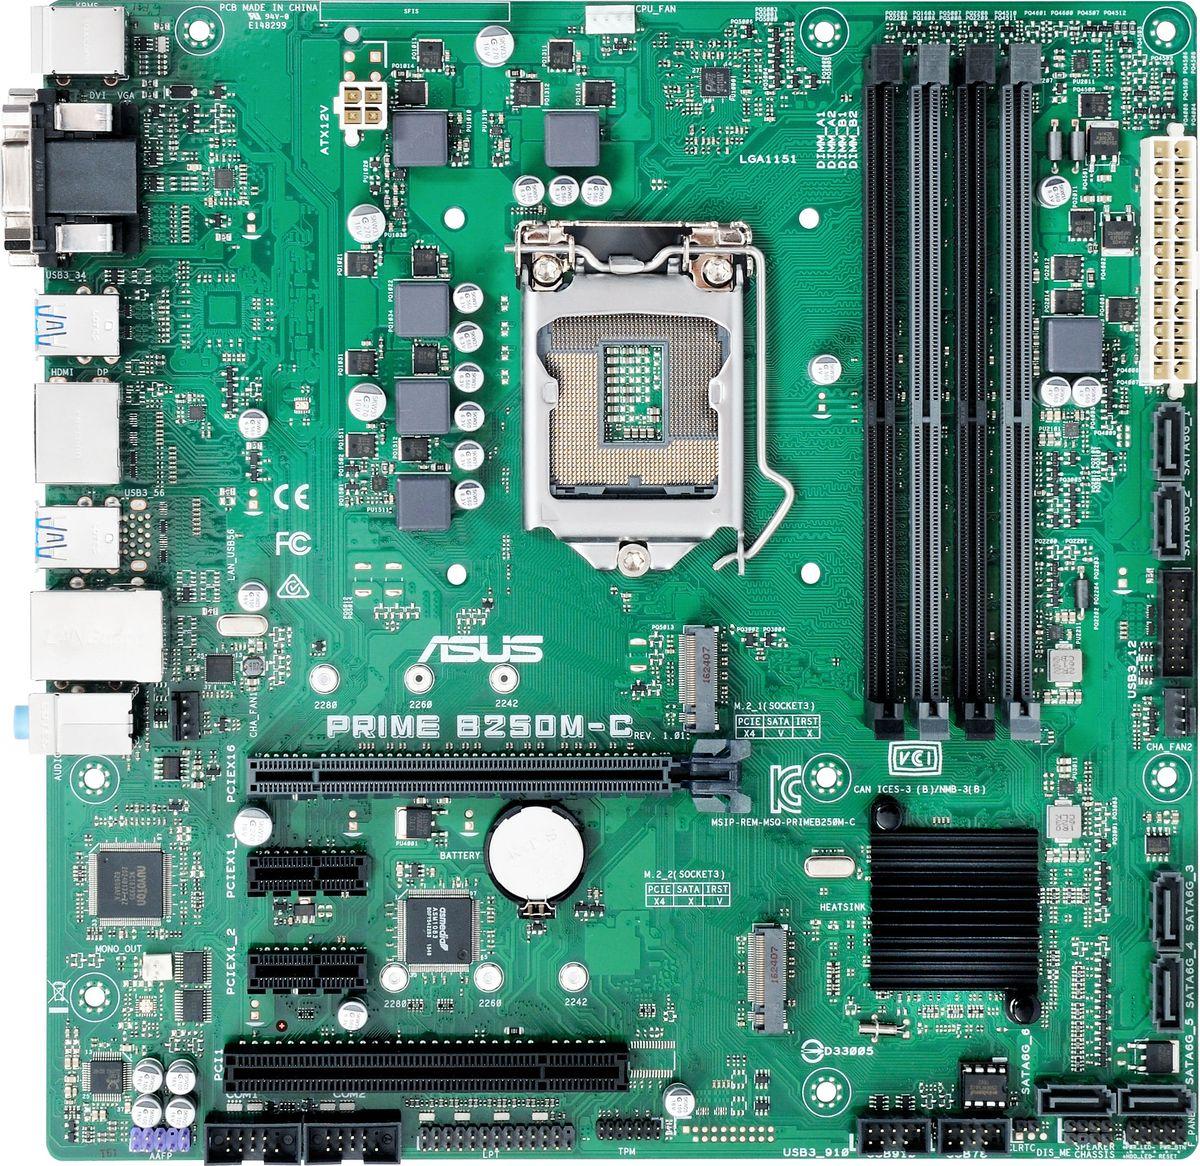 ASUS PRIME B250M-C материнская плата90MB0SQ0-M0EAYMASUS PRIME B250M-C - материнская плата формата micro-ATX коммерческой серии.Материнские платы ASUS Prime 200-й серии могут похвастать долгим сроком службы за счет технологии 5X Protection III, которая охватывает целый ряд инженерных решений, служащих для защиты от электрических перегрузок, коррозии, электростатических разрядов и прочих неприятностей.Технология SafeSlot Core – это особый способ крепления слота PCIe, который обеспечивает большую прочность и устойчивость к деформациям.Разъем проводной сети на данной материнской плате оснащается специальной защитой от статического электричества и перепадов напряжения.В системе питания данной материнской платы используются стабилизаторы, обеспечивающие защиту от перепадов напряжения, которые могут возникнуть при использовании блоков питания не самого высокого качества.Задняя панель материнских плат ASUS изготавливается из нержавеющей стали, покрытой тонким слоем оксида хрома, который обладает антикоррозийными свойствами. Благодаря этому она может похвастать долгим сроком службы.Цифровая система питания DIGI+ отличается высокой эффективностью, надежностью и стабильностью при любых нагрузках.На материнских платах ASUS реализована полноценная защита от потенциально опасных разрядов статического электричества.Данная материнская плата обладает специальным влагоотталкивающим покрытием, которое продлевает срок службы устройства в условиях повышенной влажности.Чтобы обеспечить возможность круглосуточной работы, материнская плата должна быть способна работать при самых разных окружающих условиях. Вот почему каждая модель тестируется при температуре воздуха до 45° и влажности до 80%.